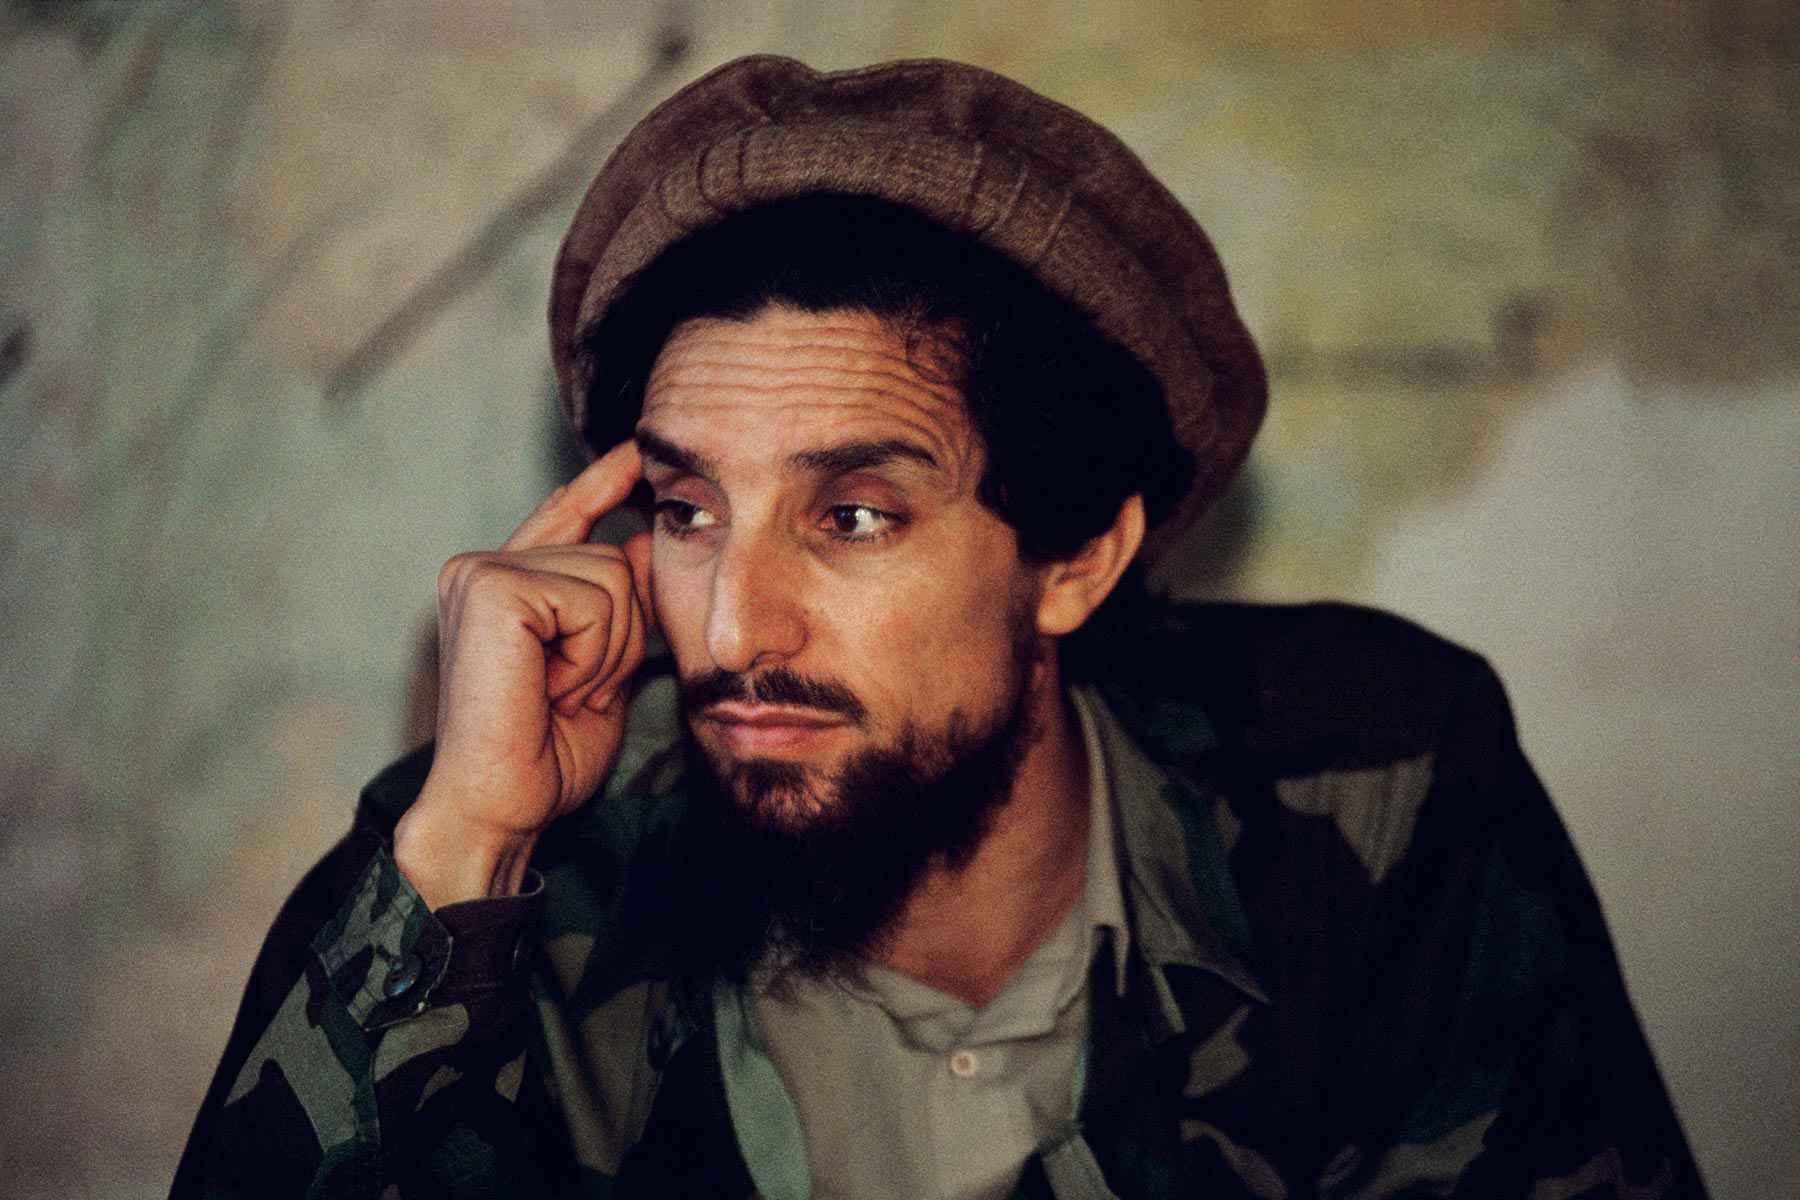 Il 9 settembre 2001 veniva ucciso, in un attentato suicida, Ahmad Sha Massoud